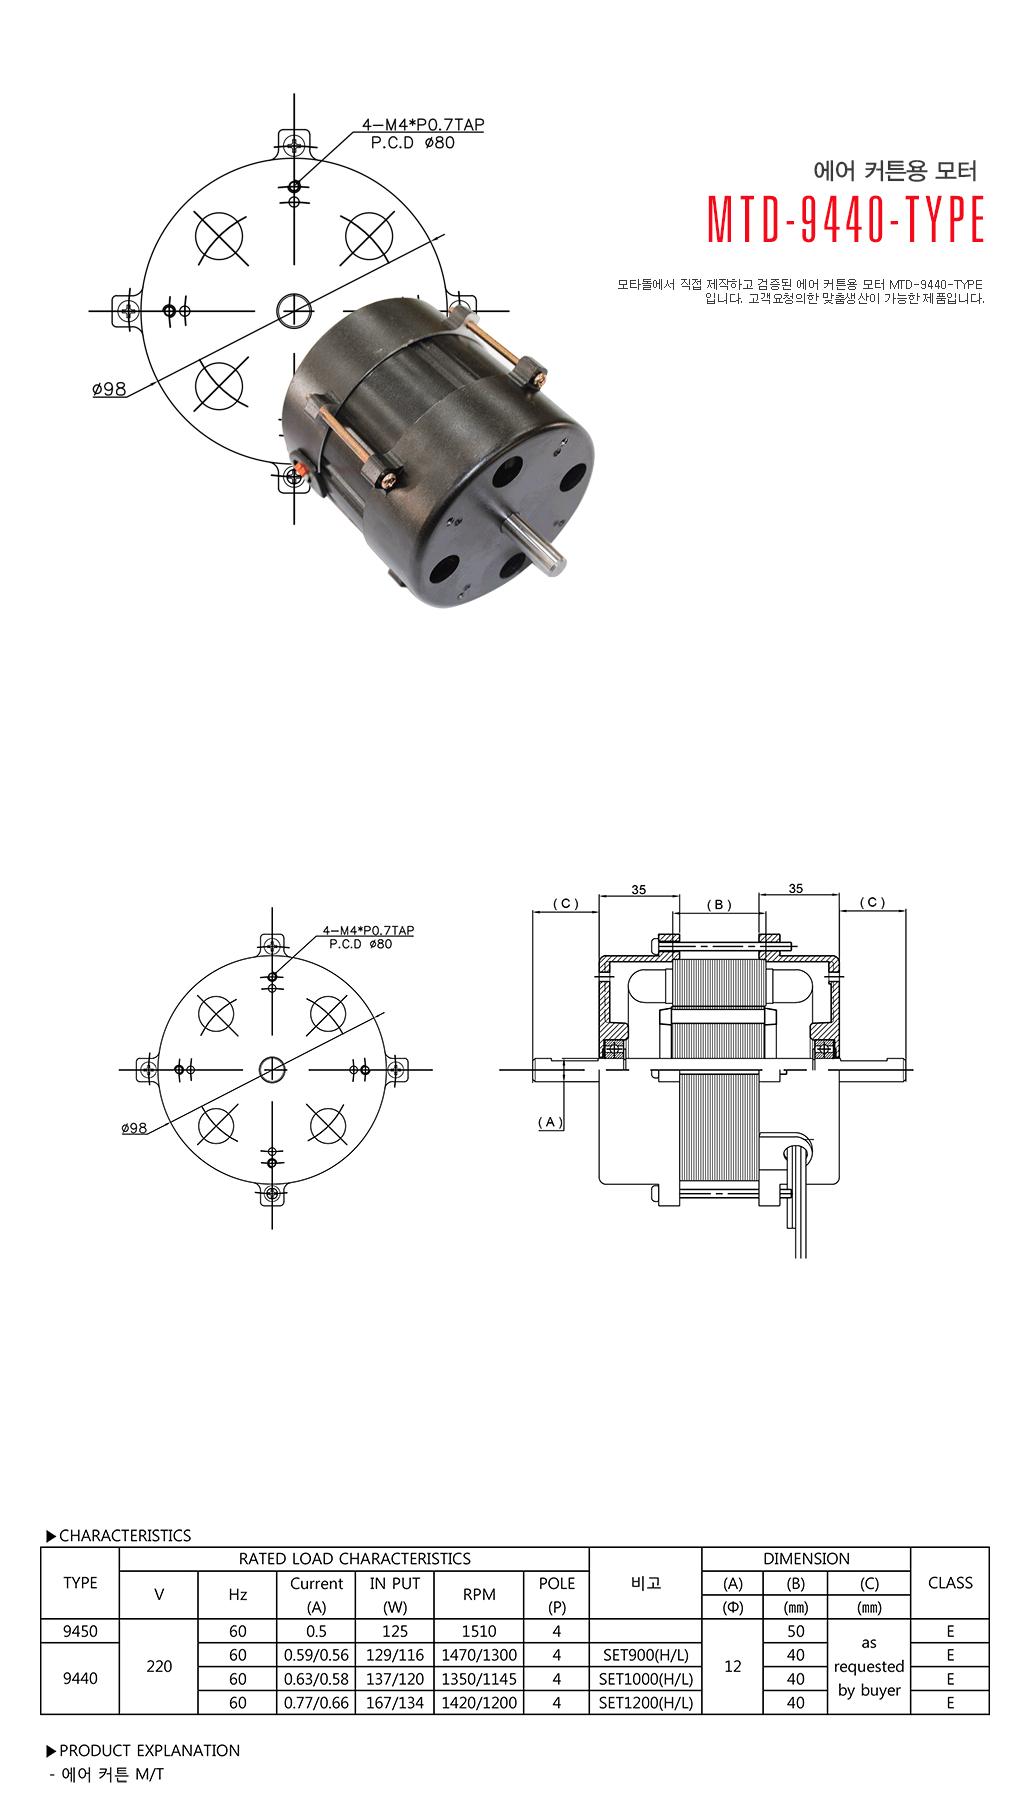 모타돌 에어 커튼용 모터 MTD-9440 Type